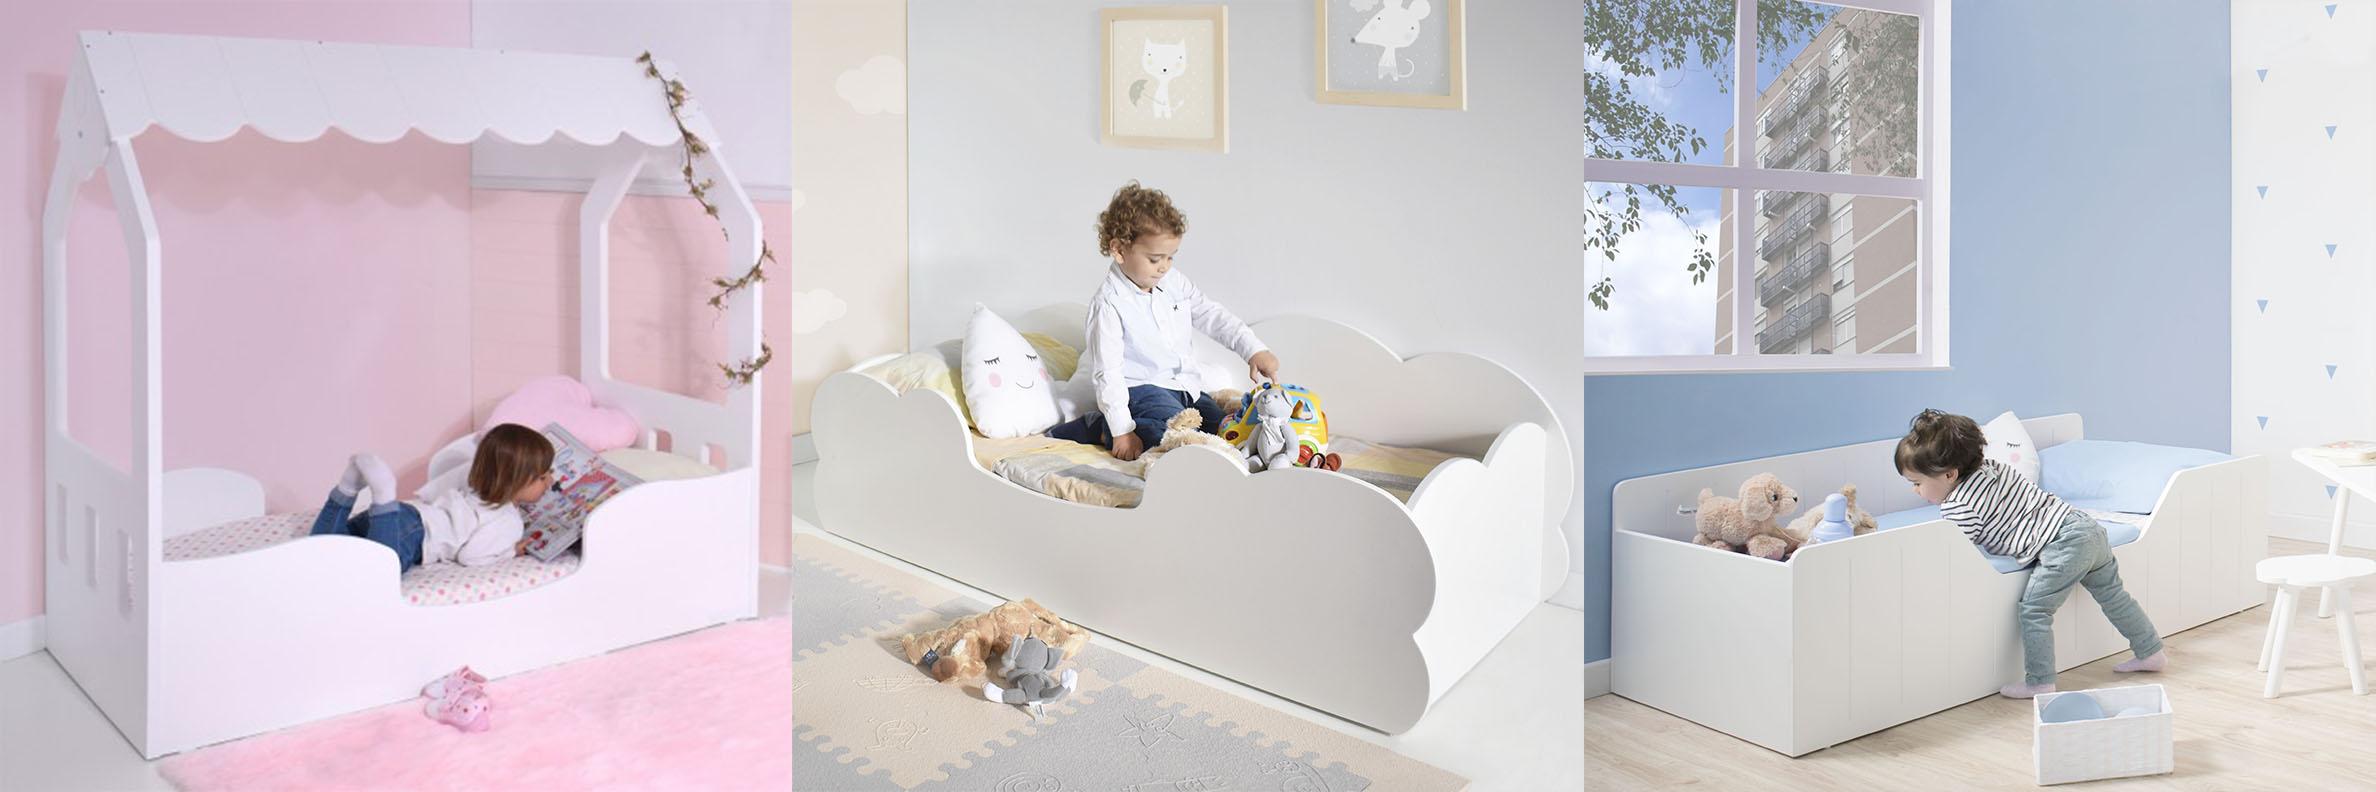 Camas Montessori Bainba